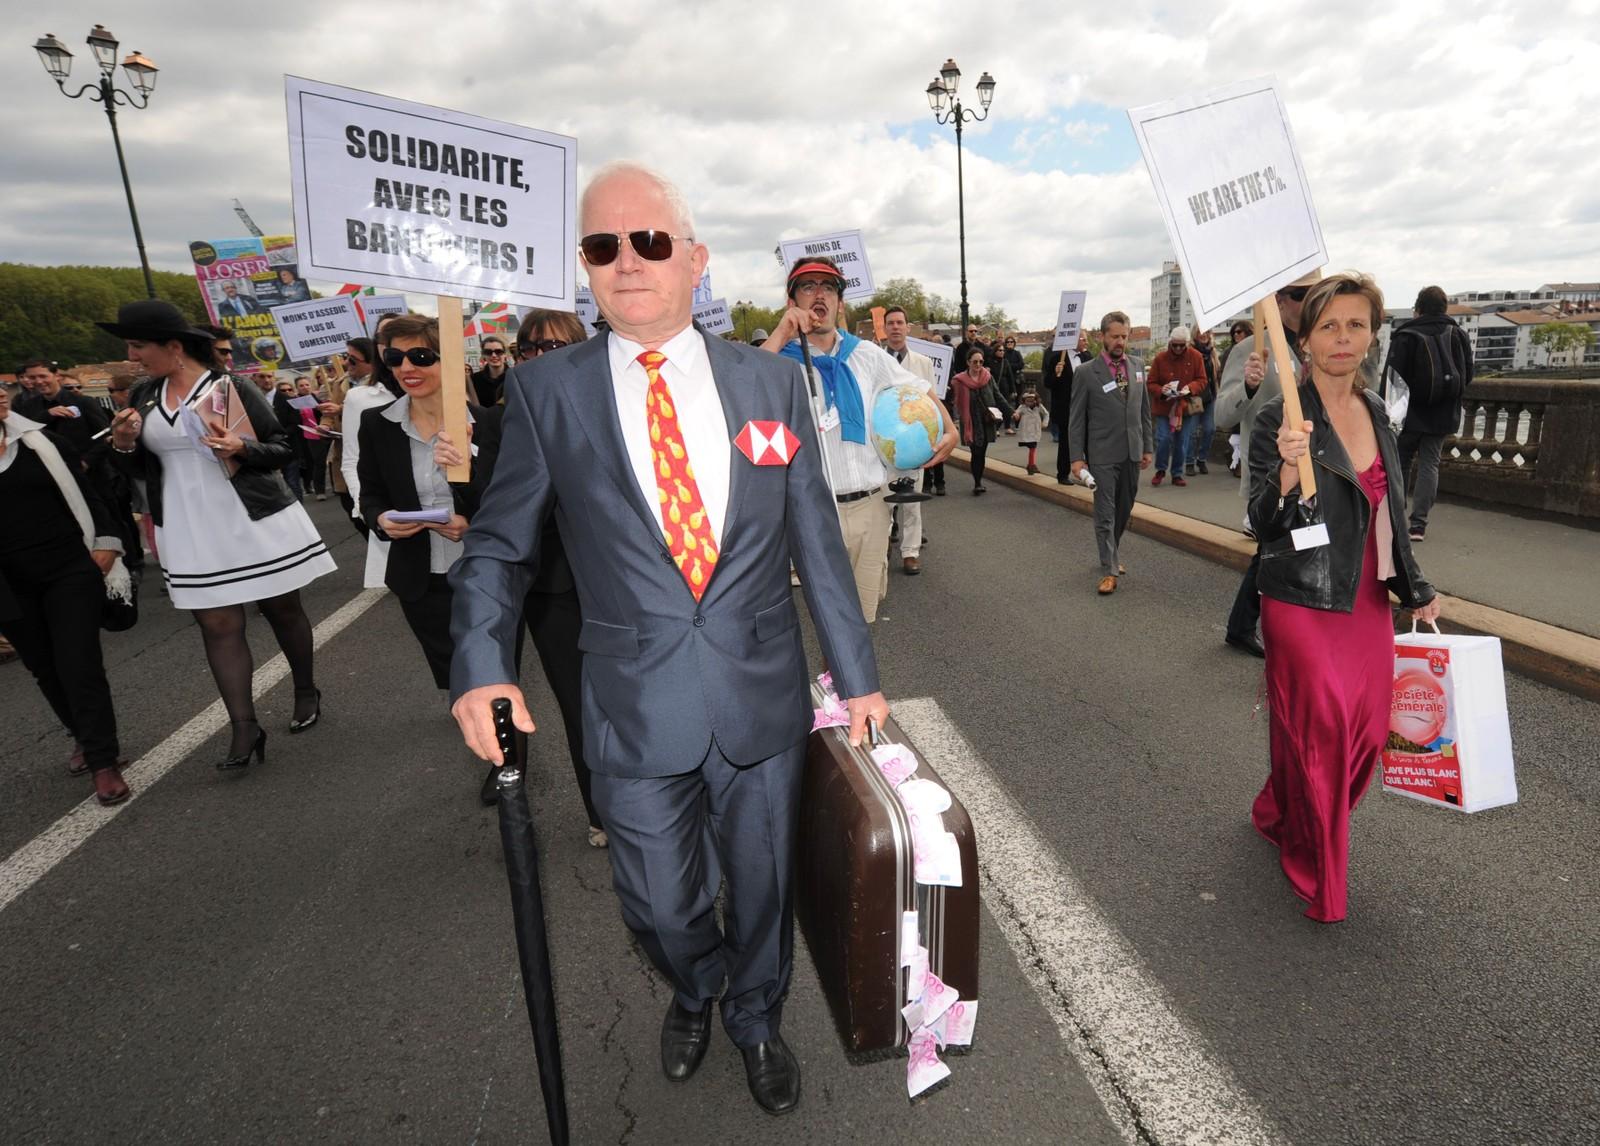 En mann bærer en koffert full av falske pengesedler under en 1. mai-markering i Bayonne i Frankrike. Bevegelsen «Bizi!» gikk i tog med skilt som: «solidaritet med bankmennene».